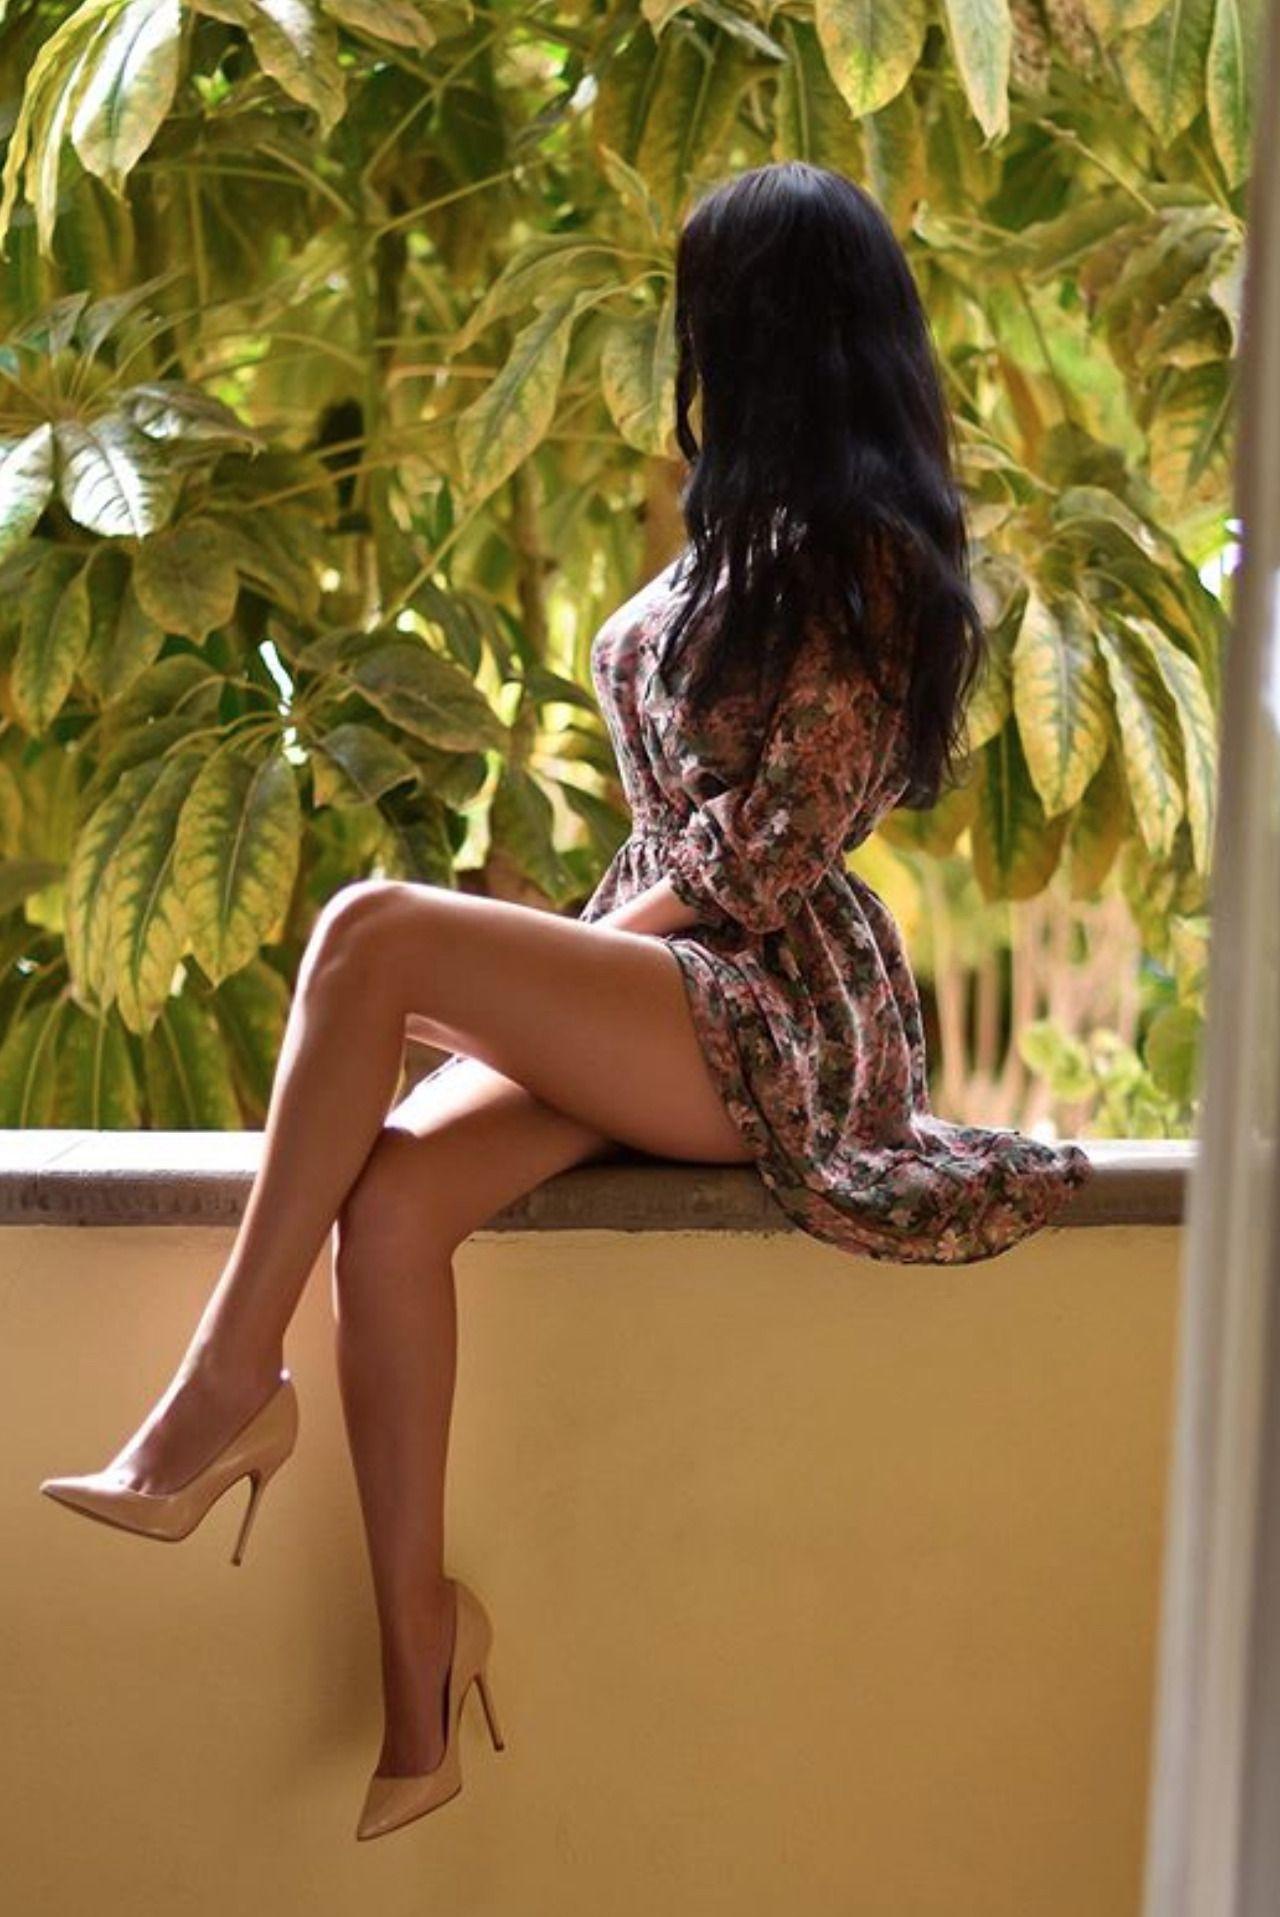 Sexy women legs ladies